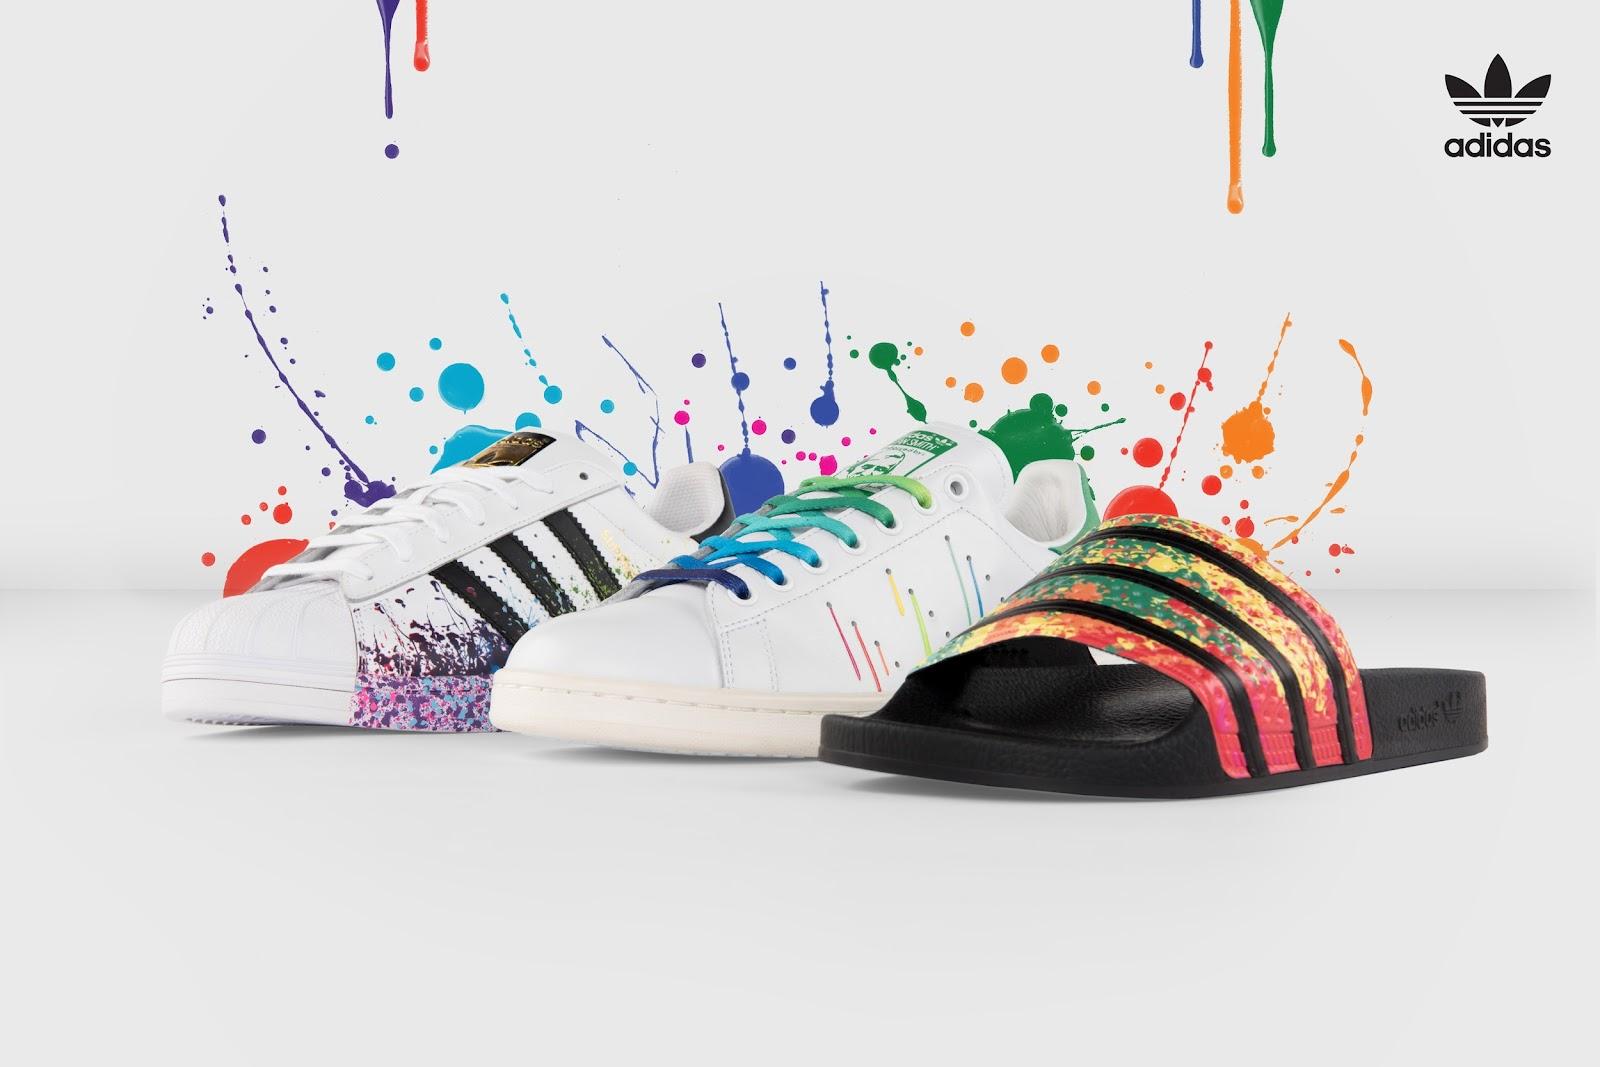 Y Comunidad La Lgbt Apoyar Para Sus A El Adidas Zapatos Nuevos fx8df16